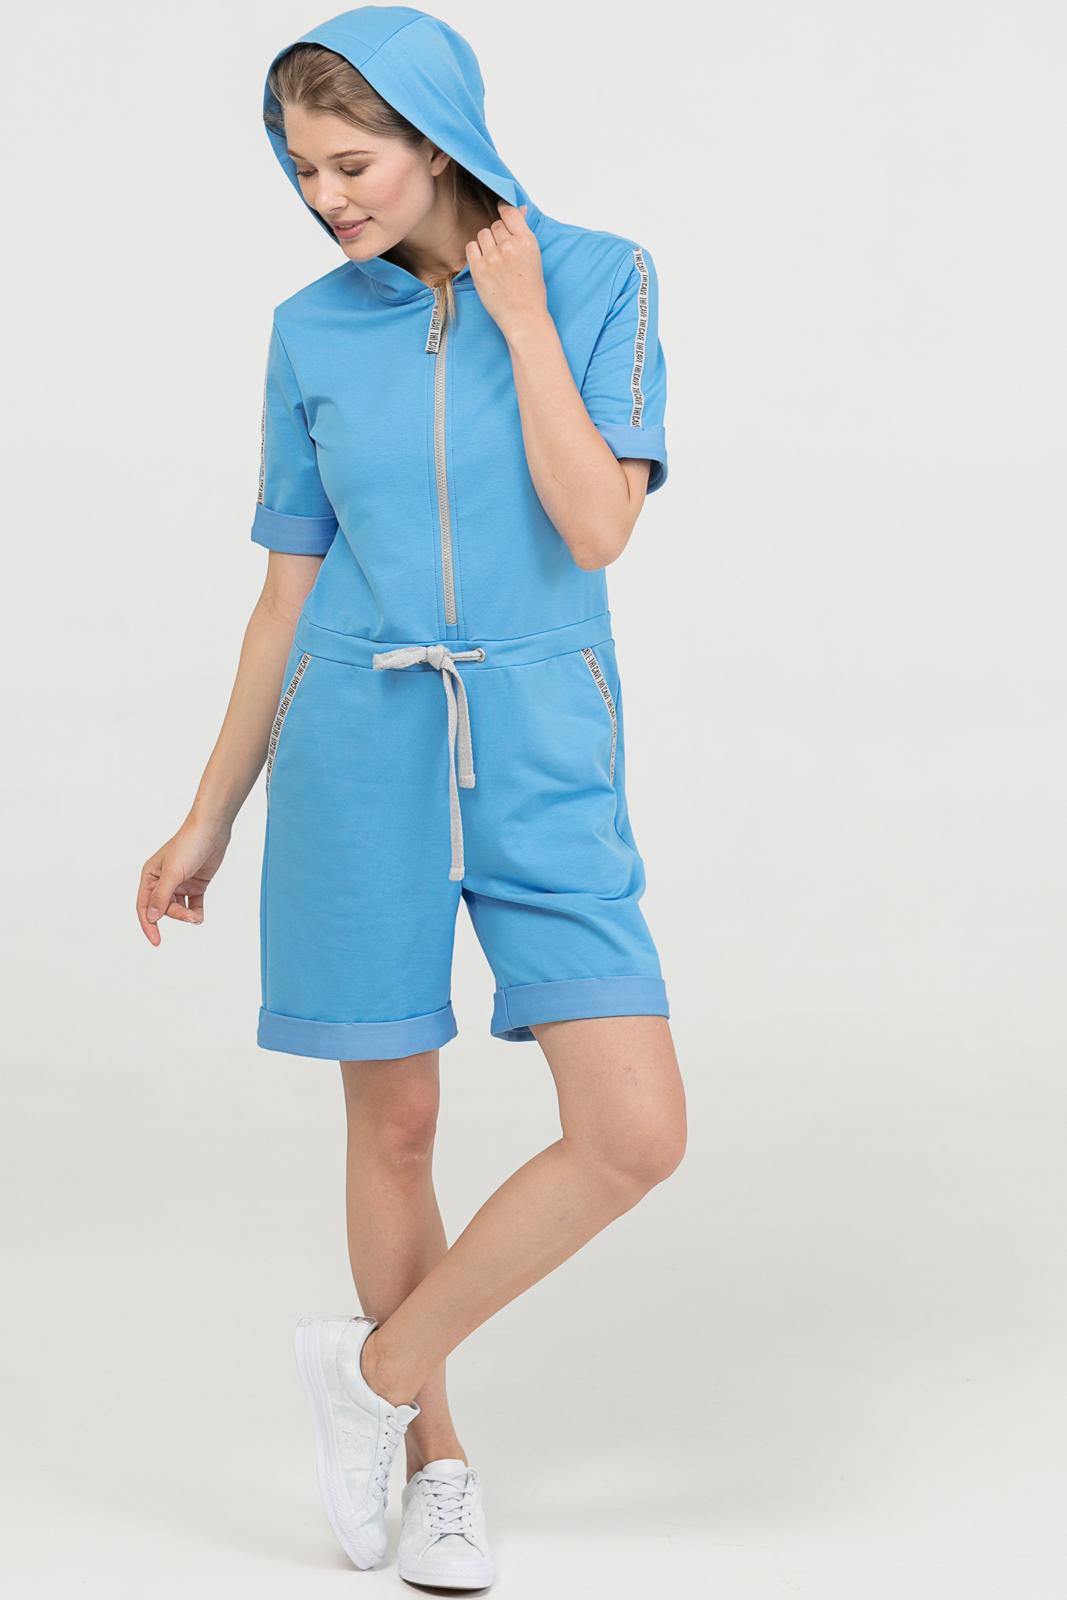 Купить со скидкой Комбинезон Summer голубой женский из текстиля